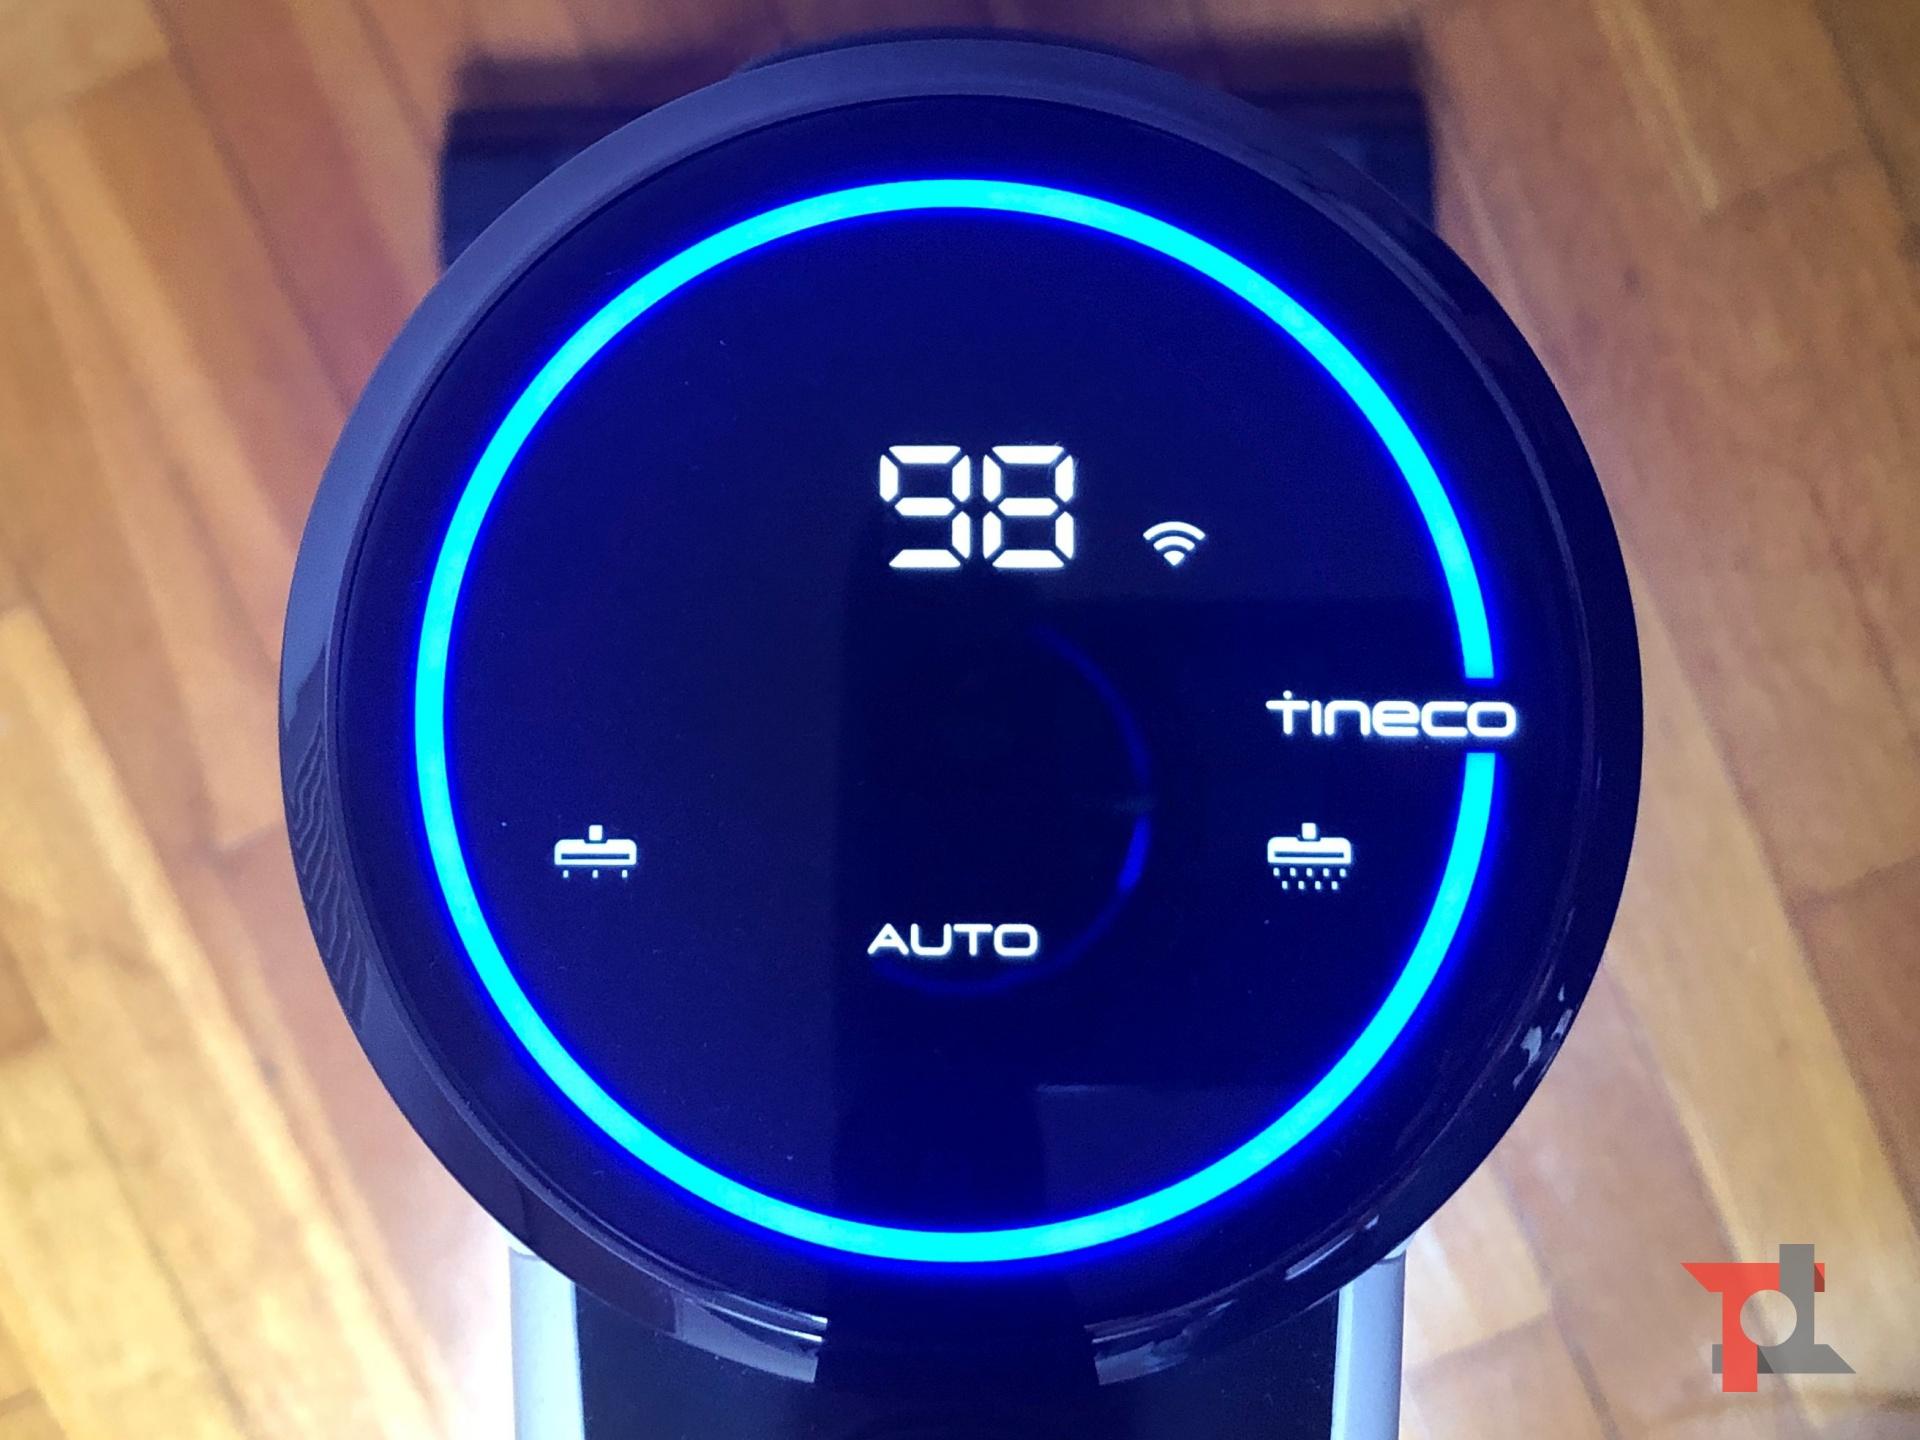 Recensione Tineco Floor One S3, un lavapavimenti con intelligenza artificiale 1